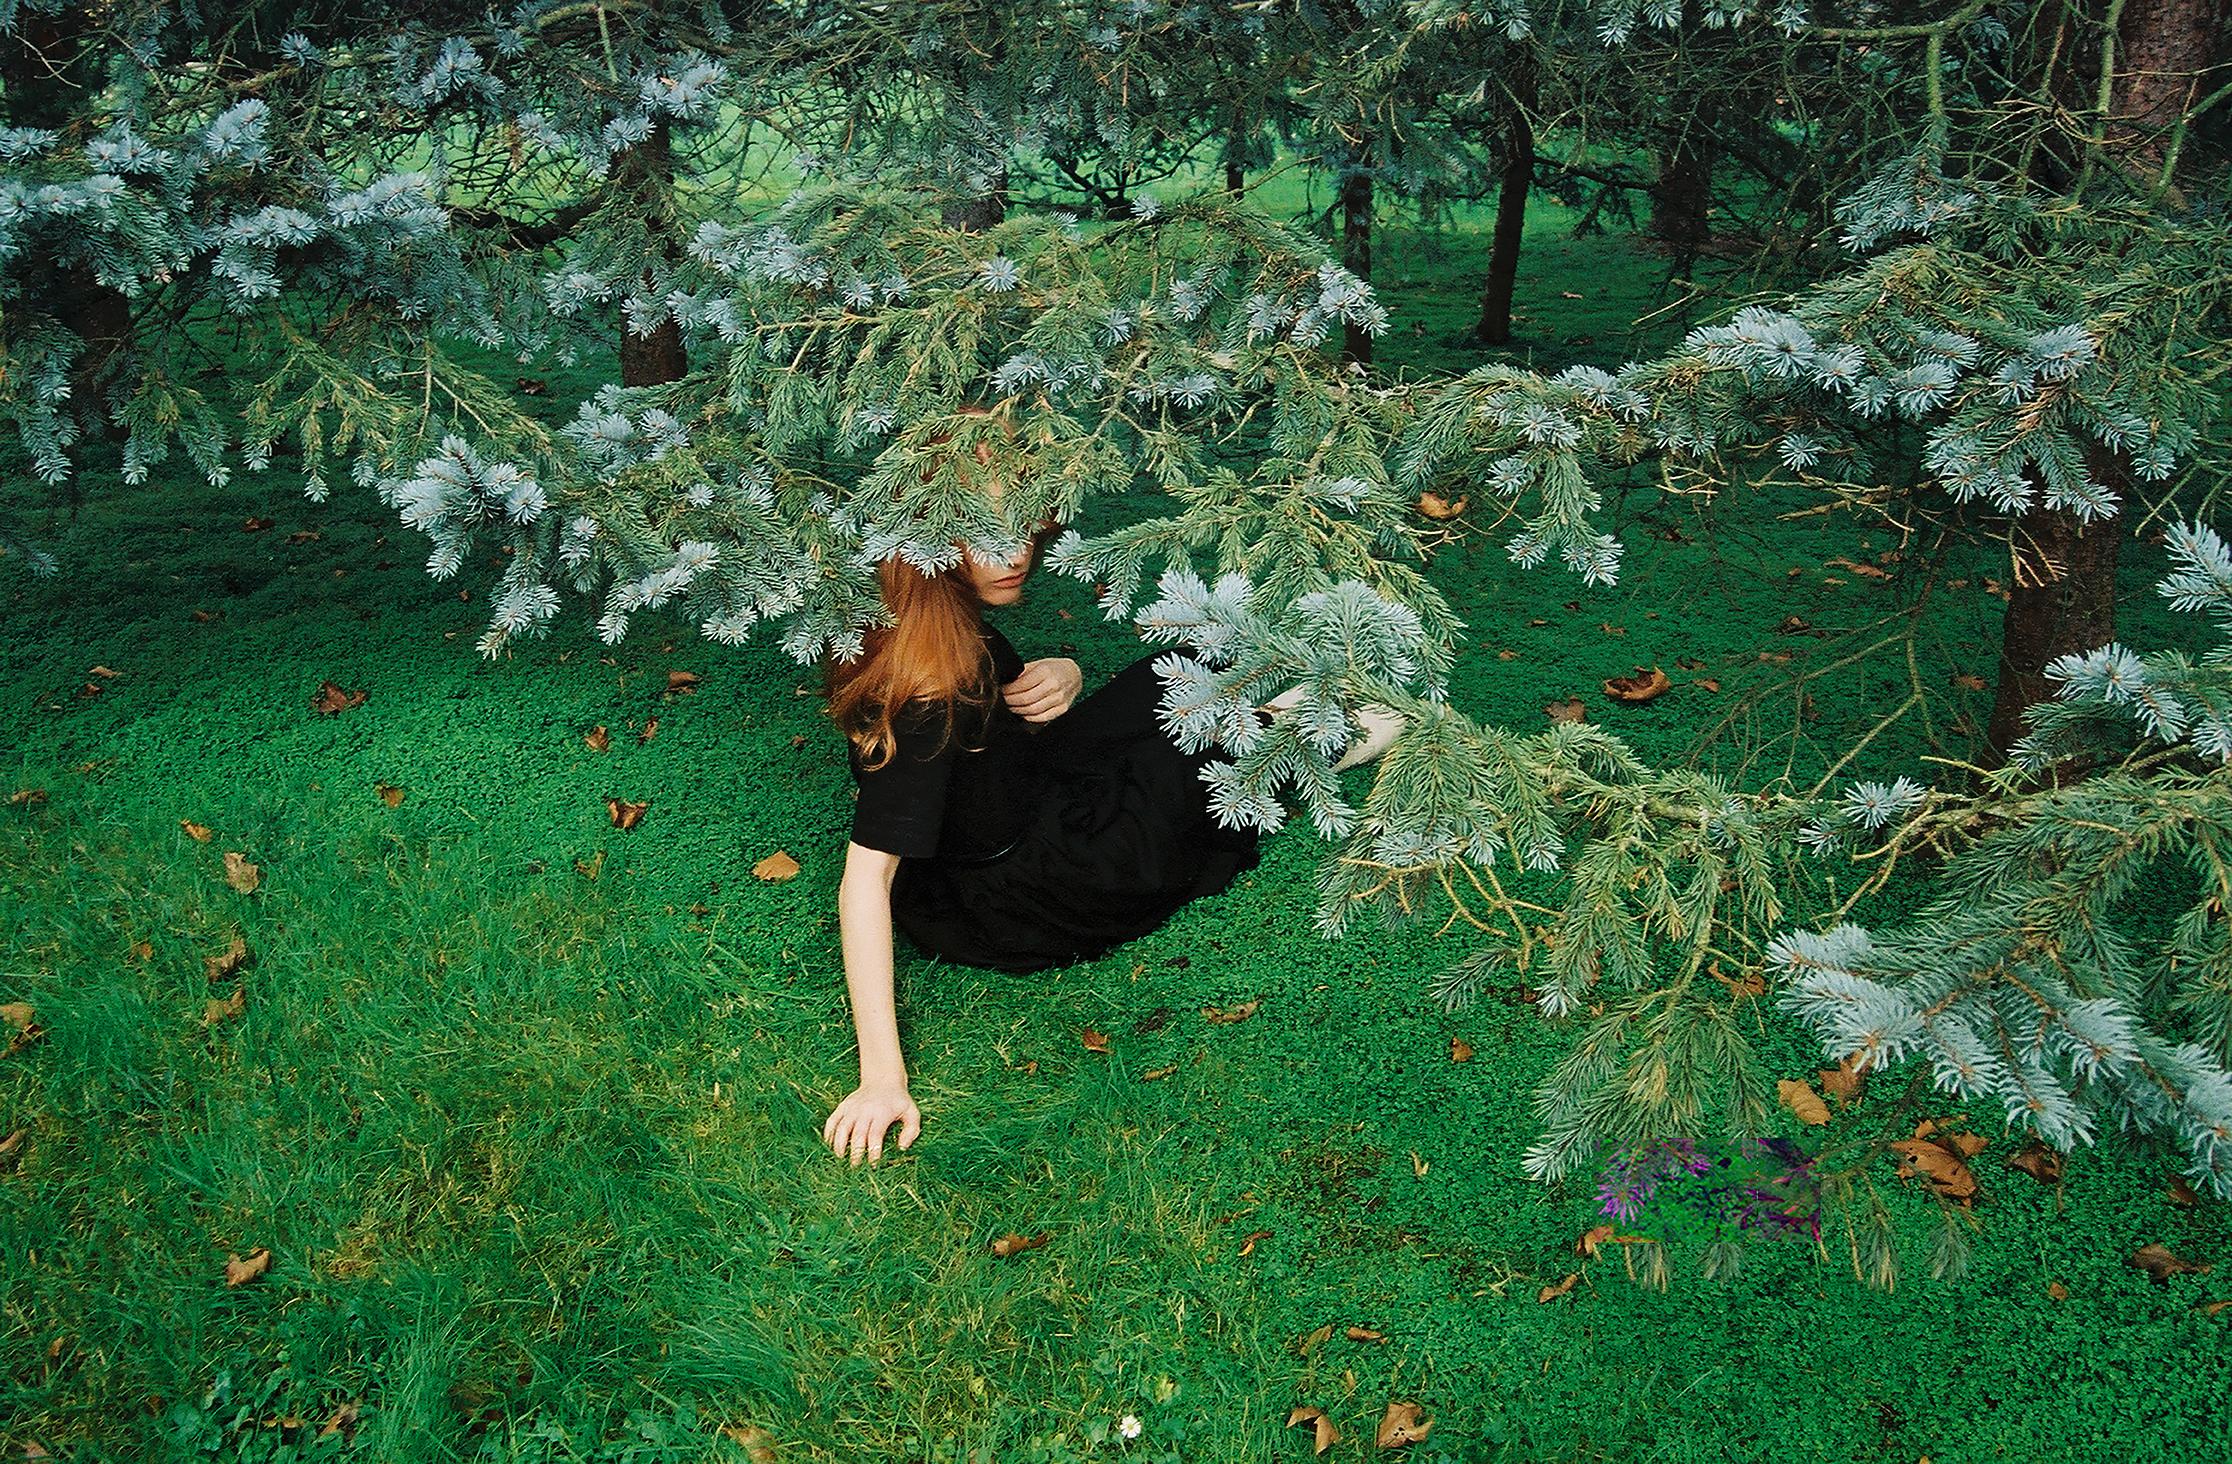 Manon_01.jpg